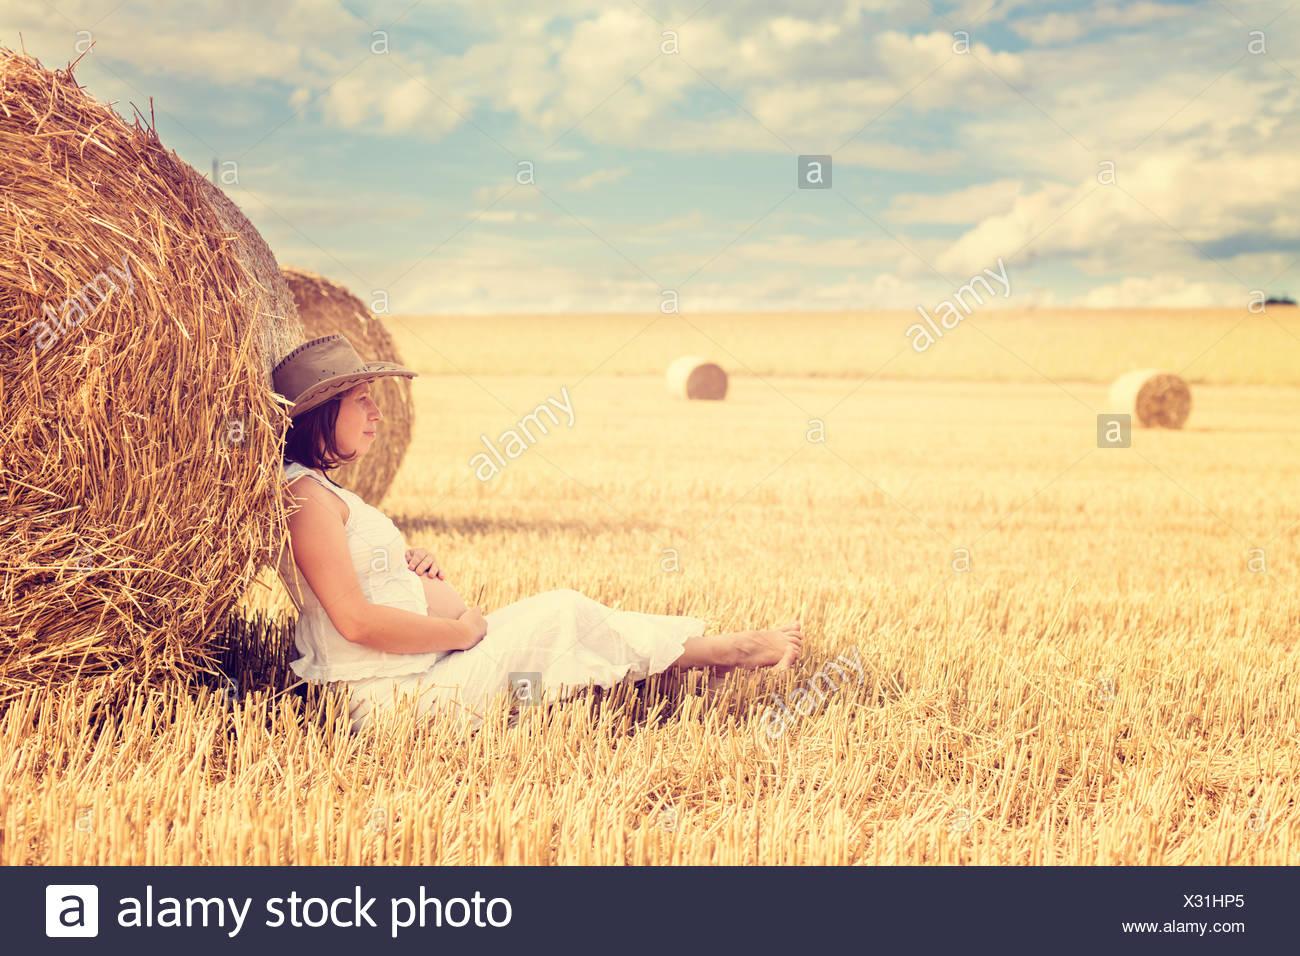 Donna incinta appoggiata contro una balla di fieno in un campo Immagini Stock